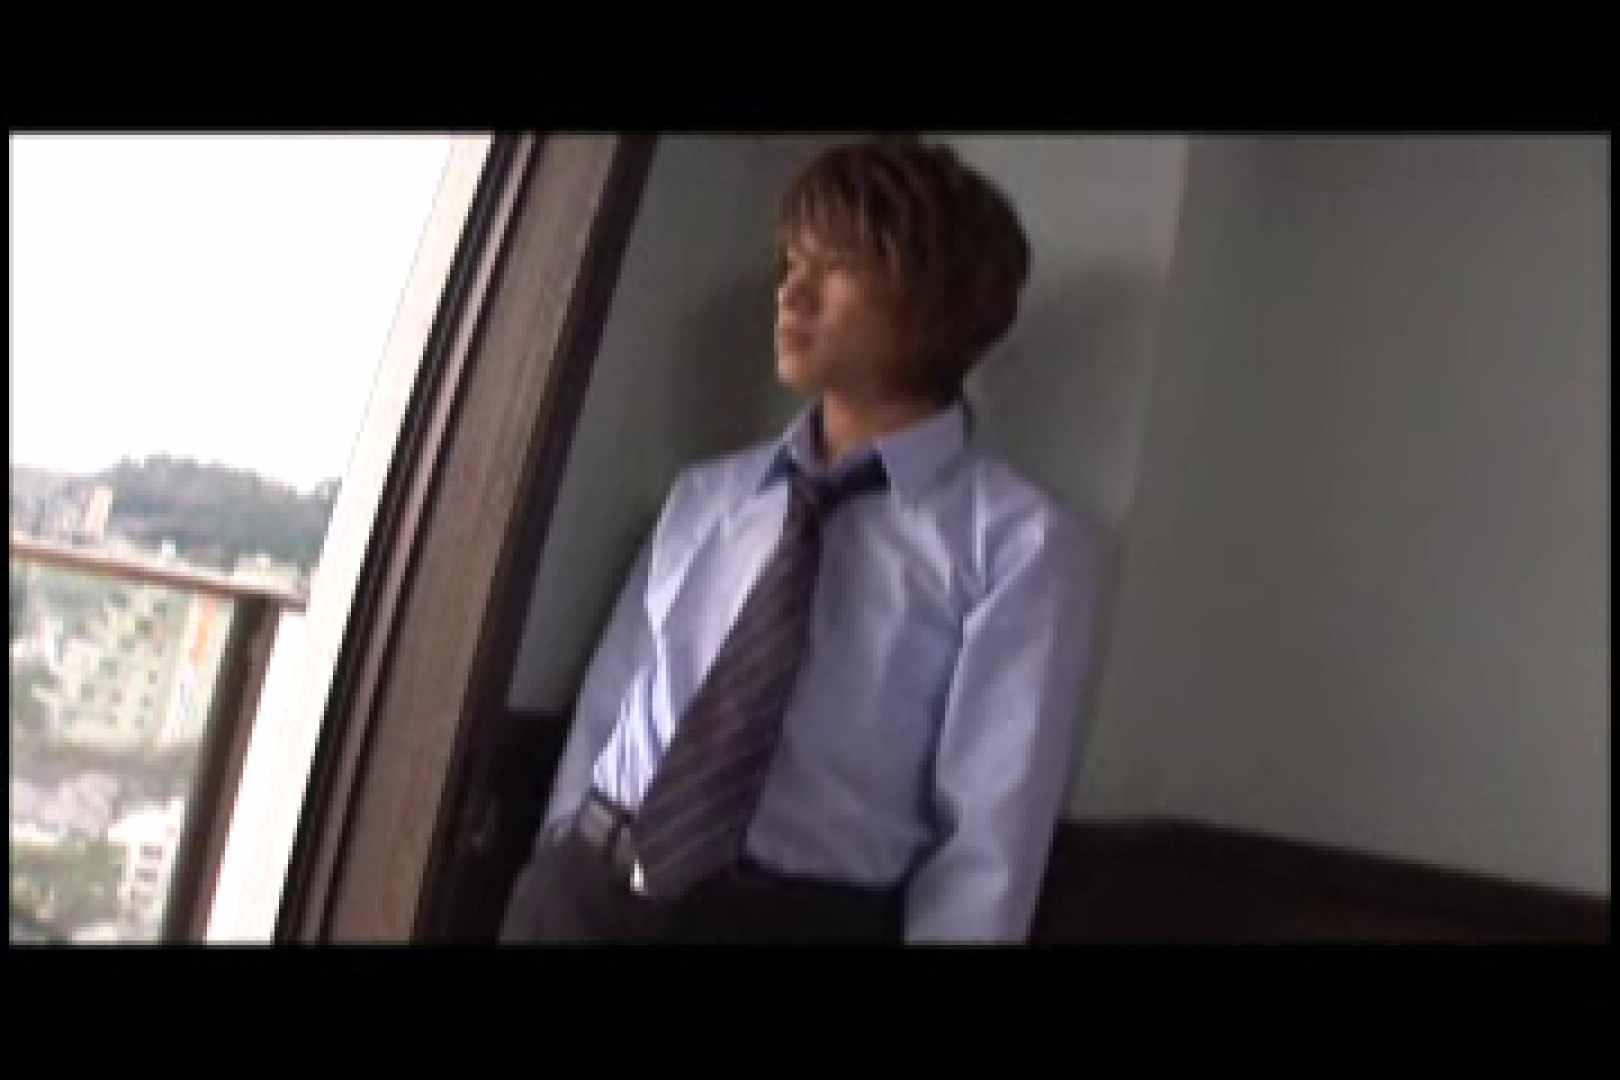 美男子コレクションvol3 風呂天国 | 男まつり ゲイAV画像 110枚 30